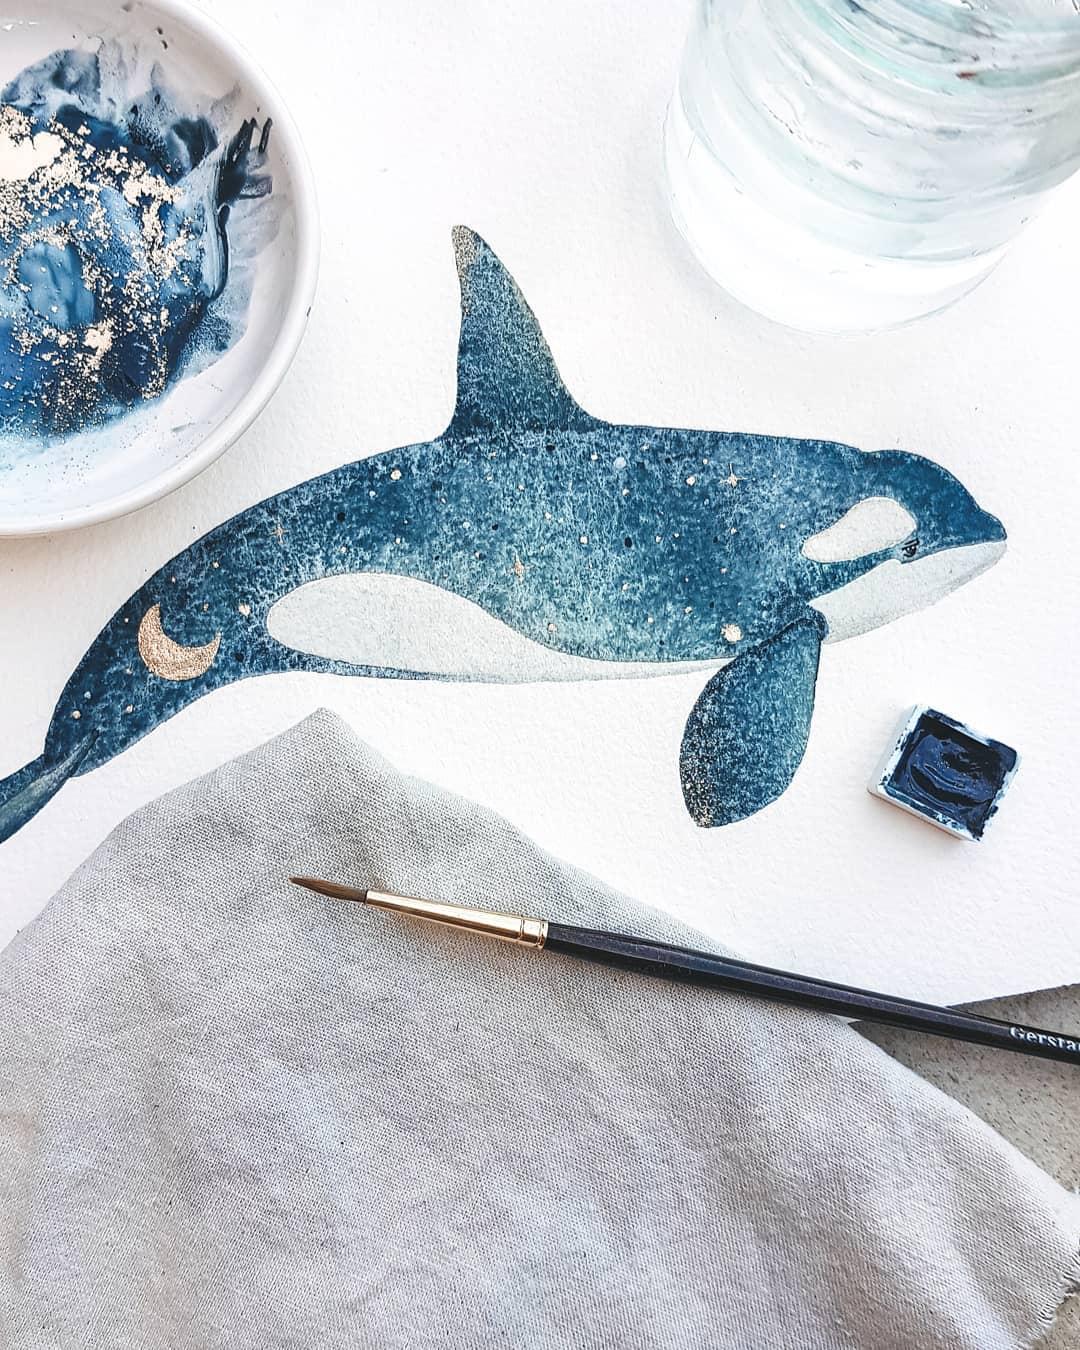 Incantevoli acquerelli catturano la magia della vita nell'oceano di Canan Esen